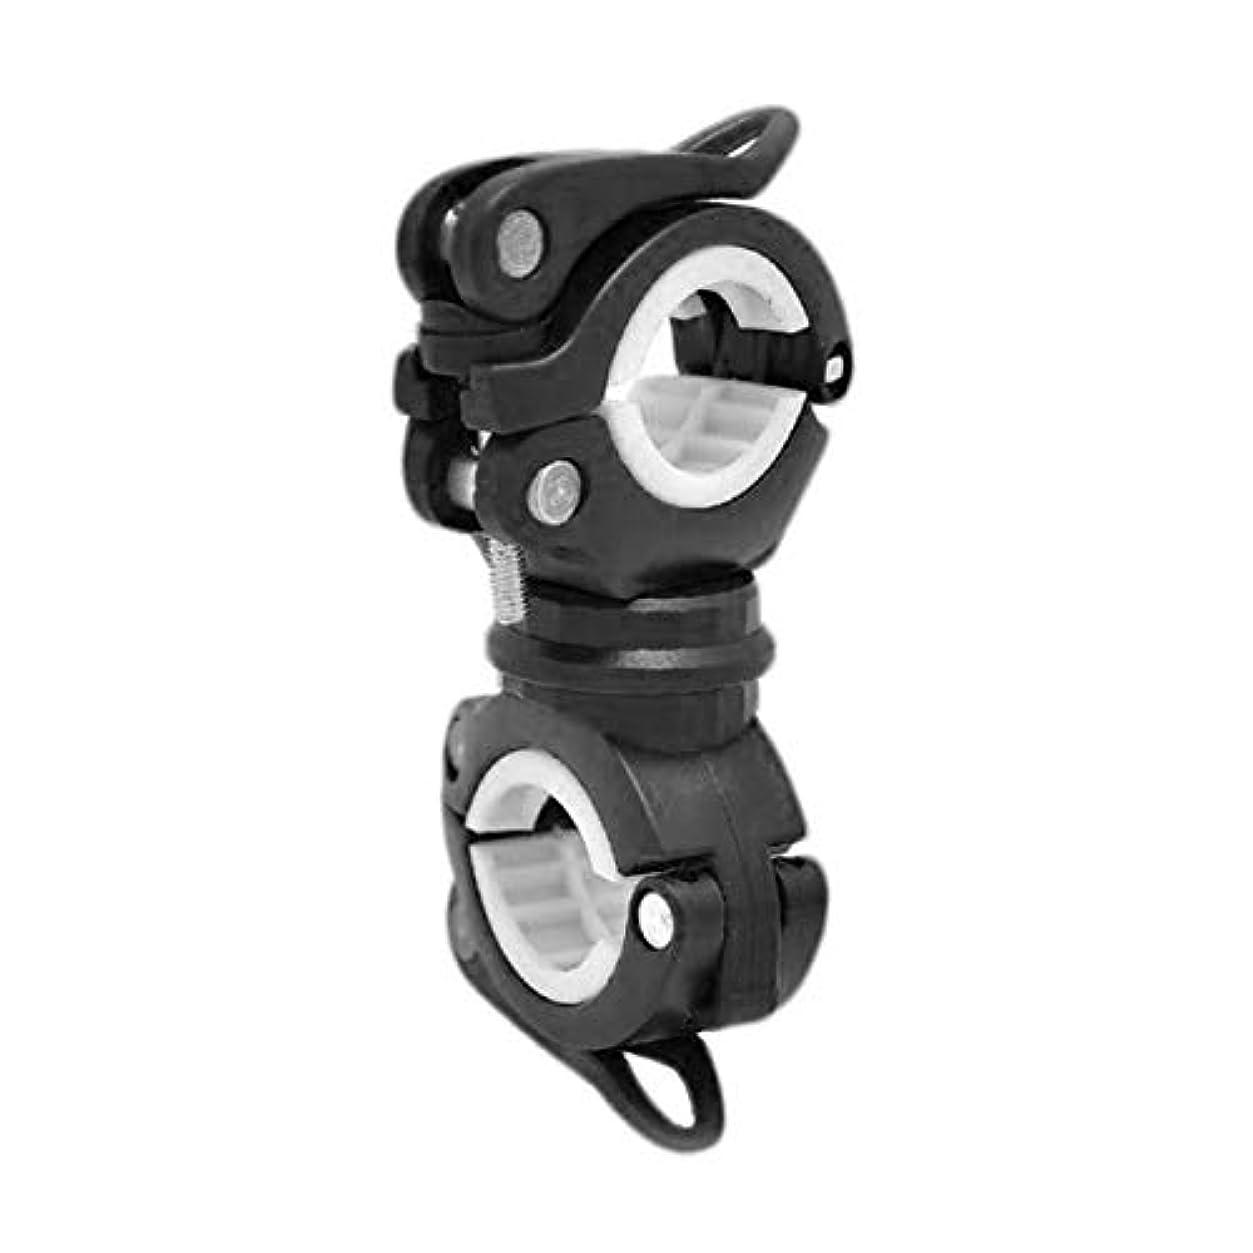 無力ウサギ付与DeeploveUU ユニバーサル自転車懐中電灯クリップ360°回転マウンテンロードバイクハンドルバートーチクリップ自転車ランプマウントブラケットホルダー